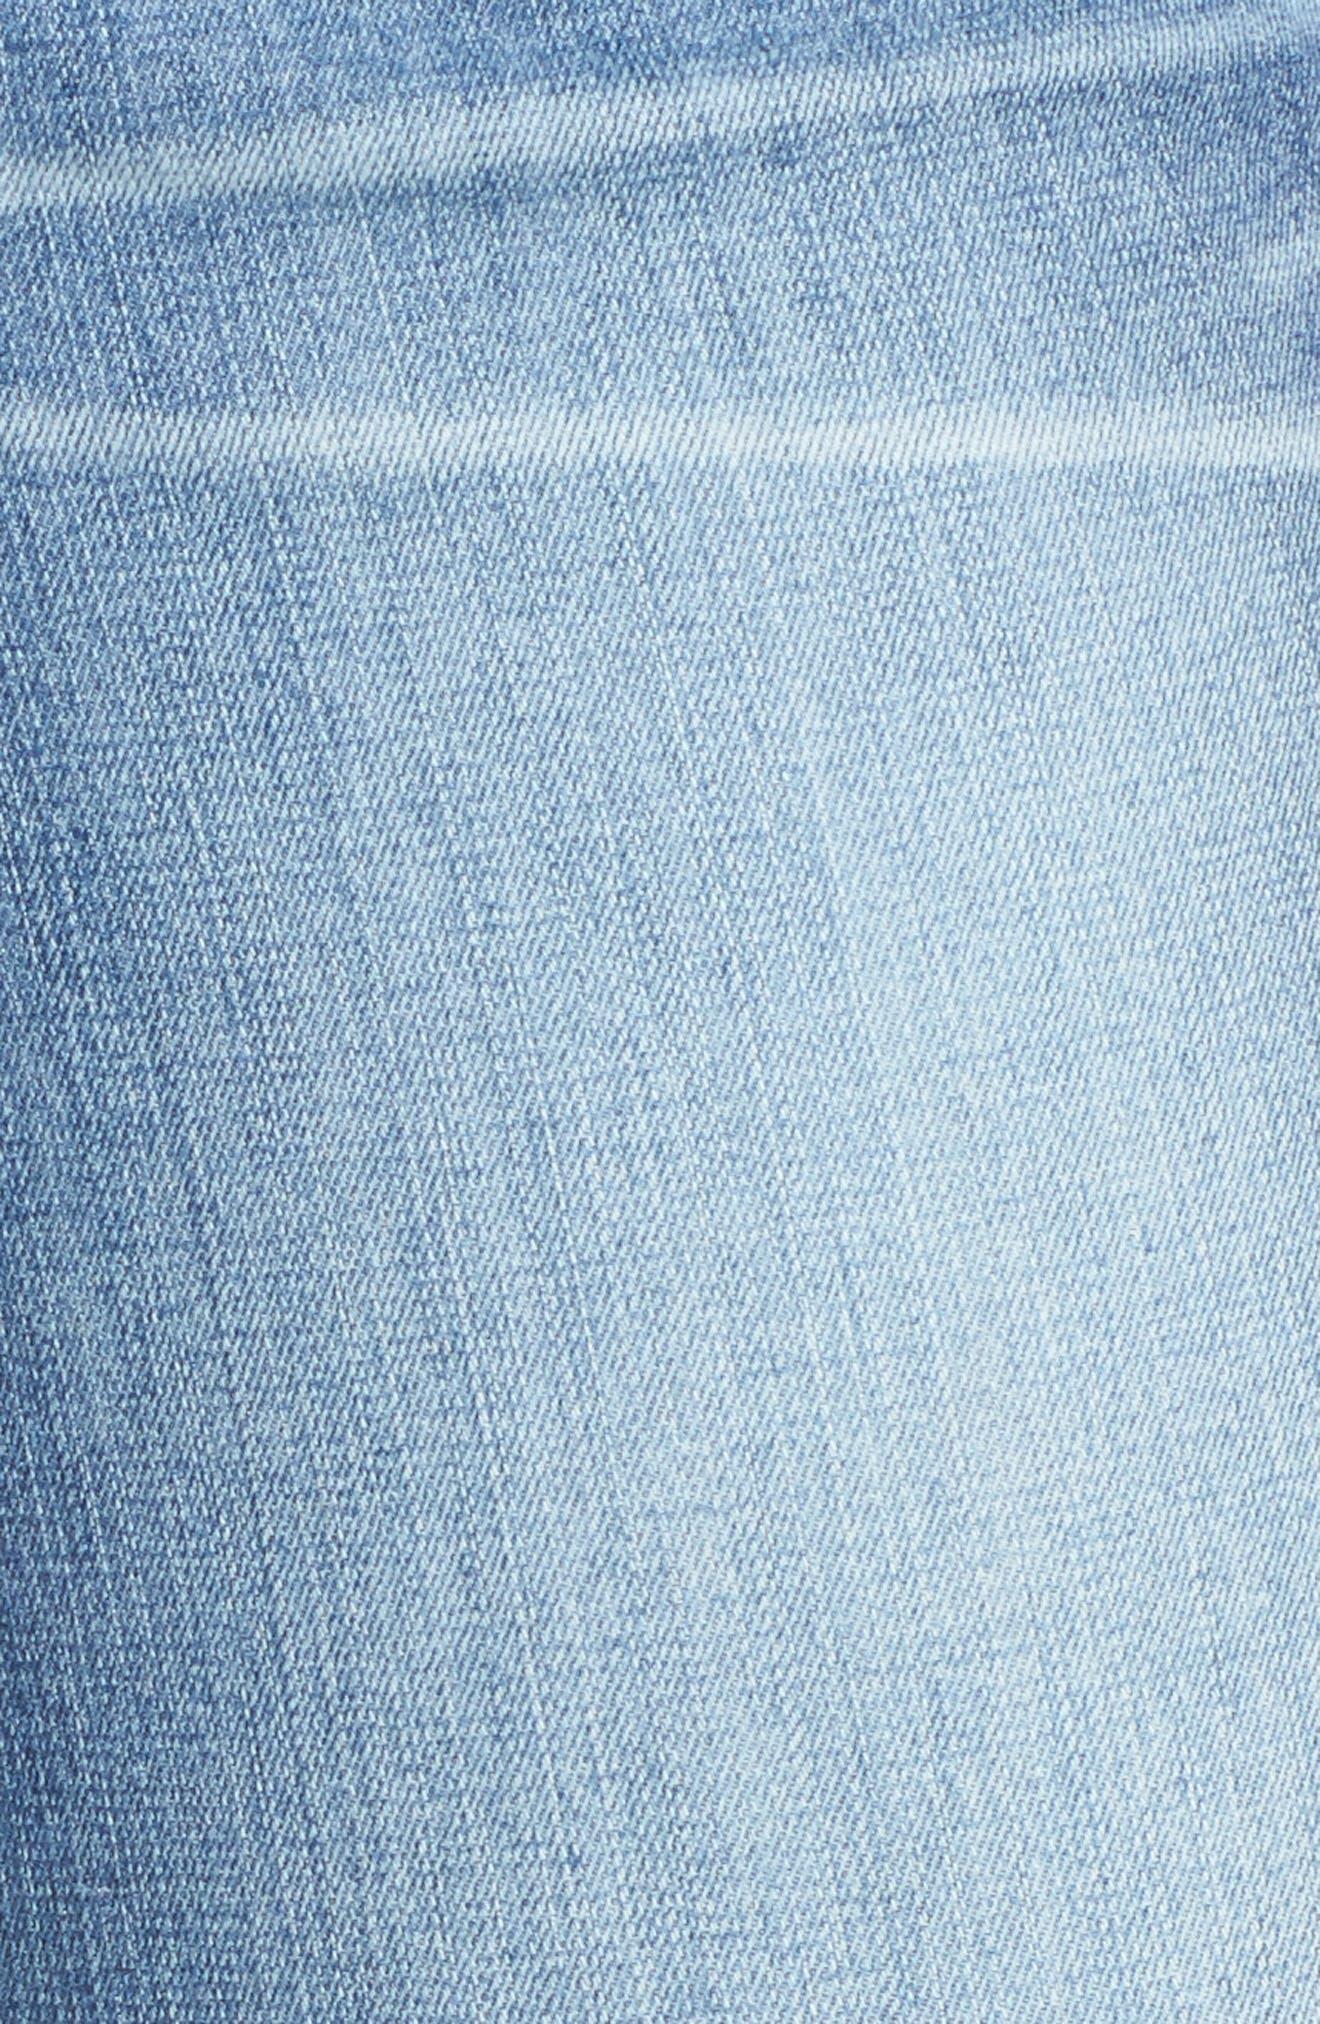 Flex-ellent Boyfriend Jeans,                             Alternate thumbnail 6, color,                             Blue